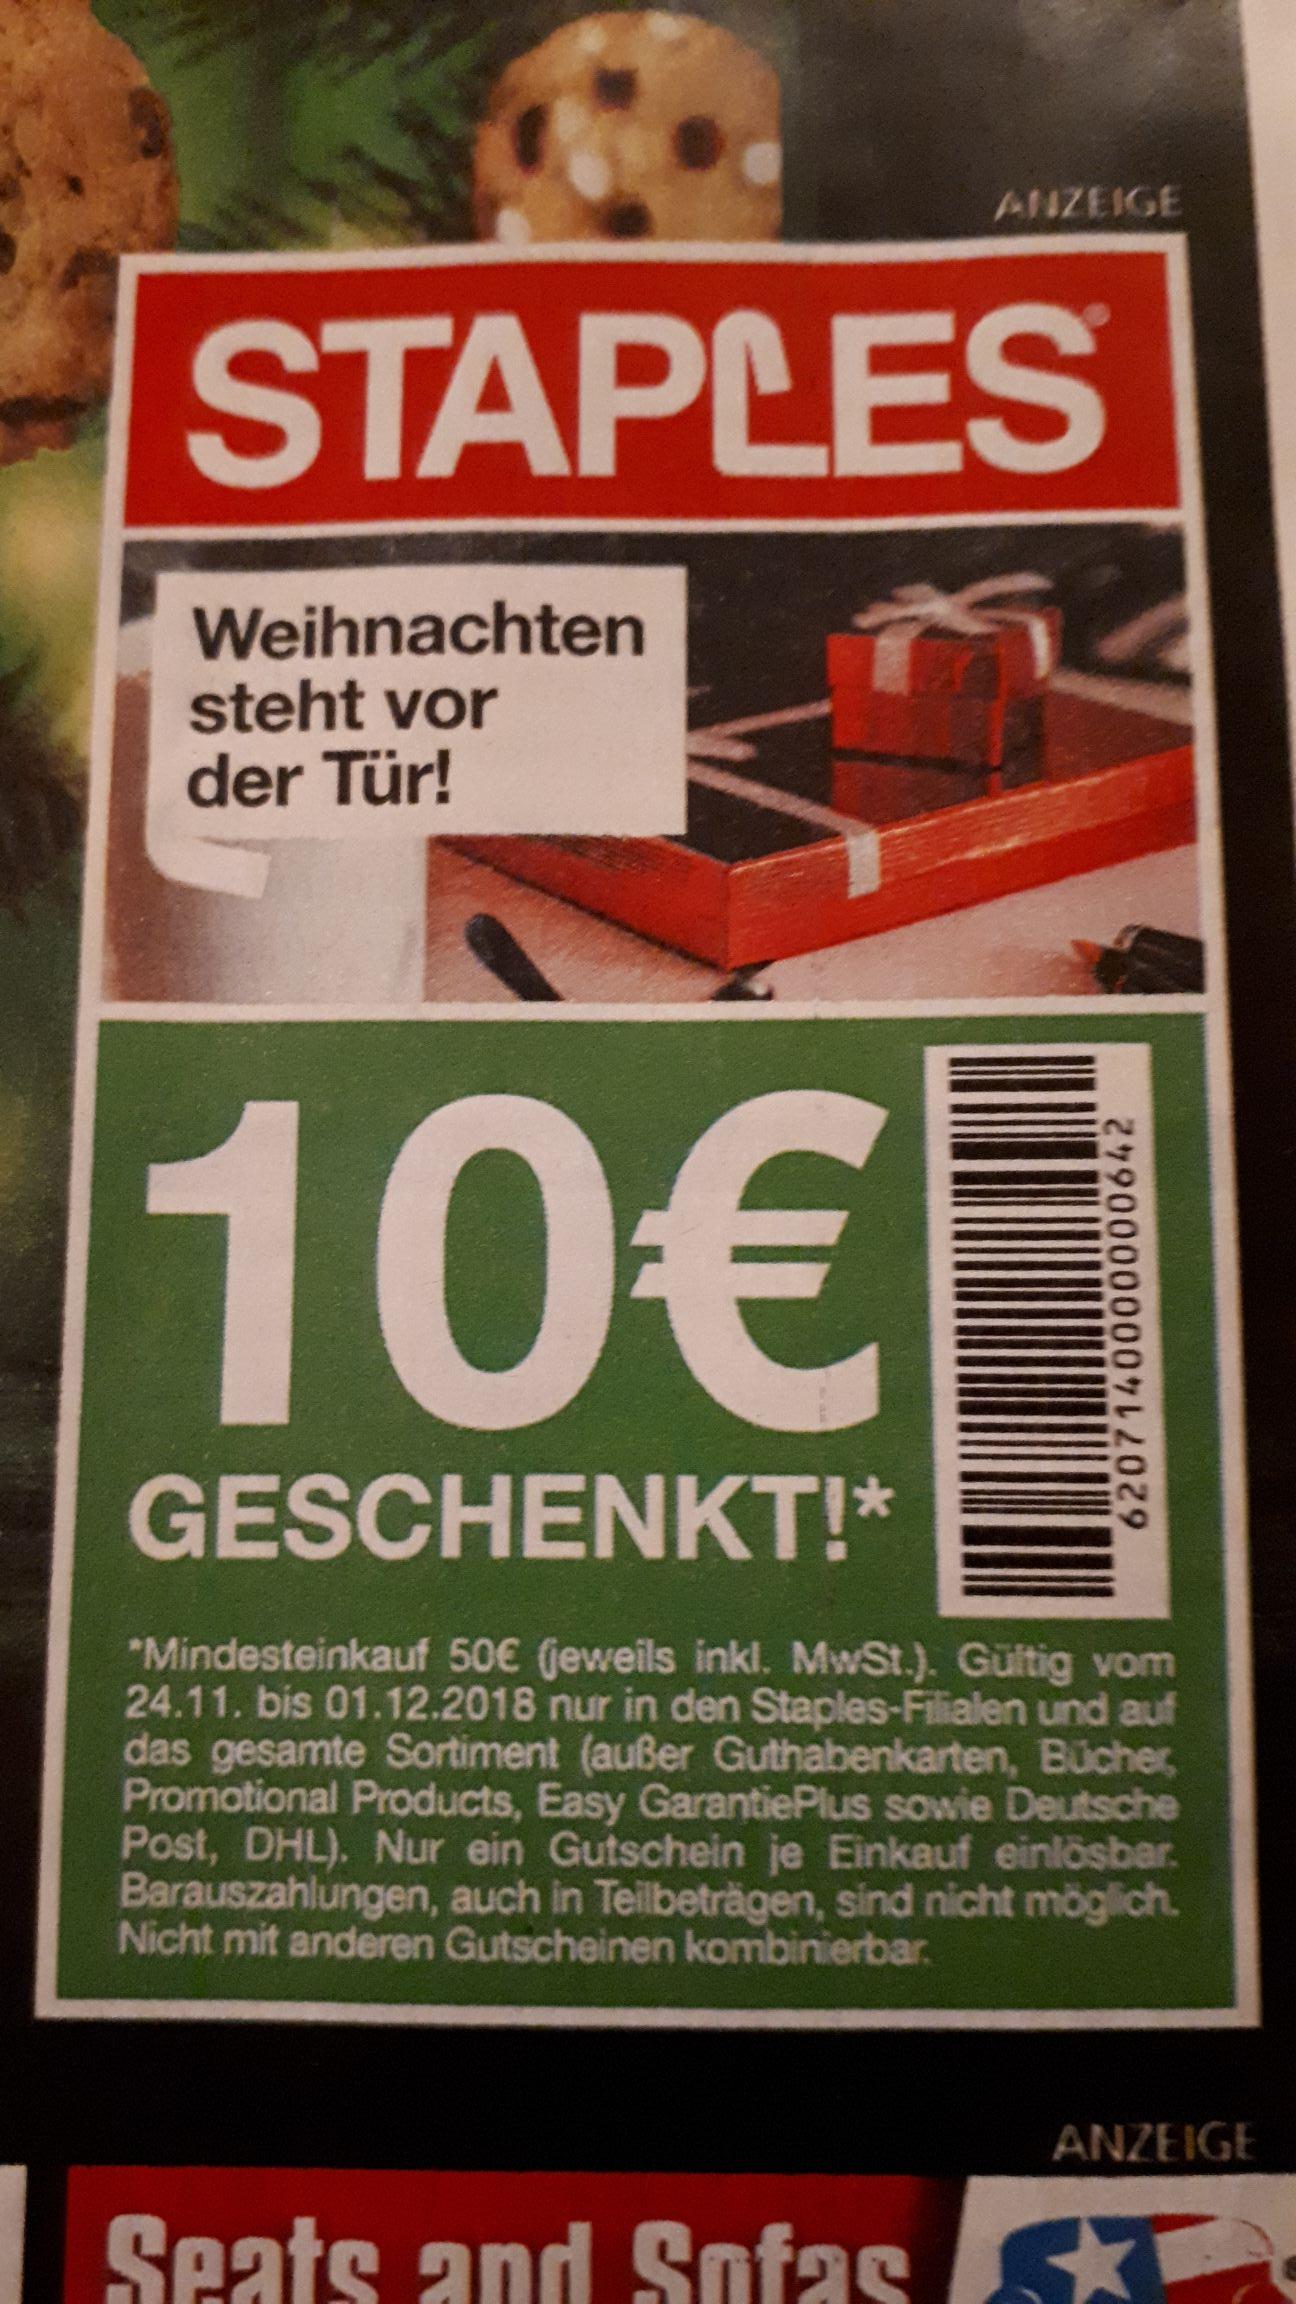 [Offline] Staples 10€ geschenkt (MBW 50€)